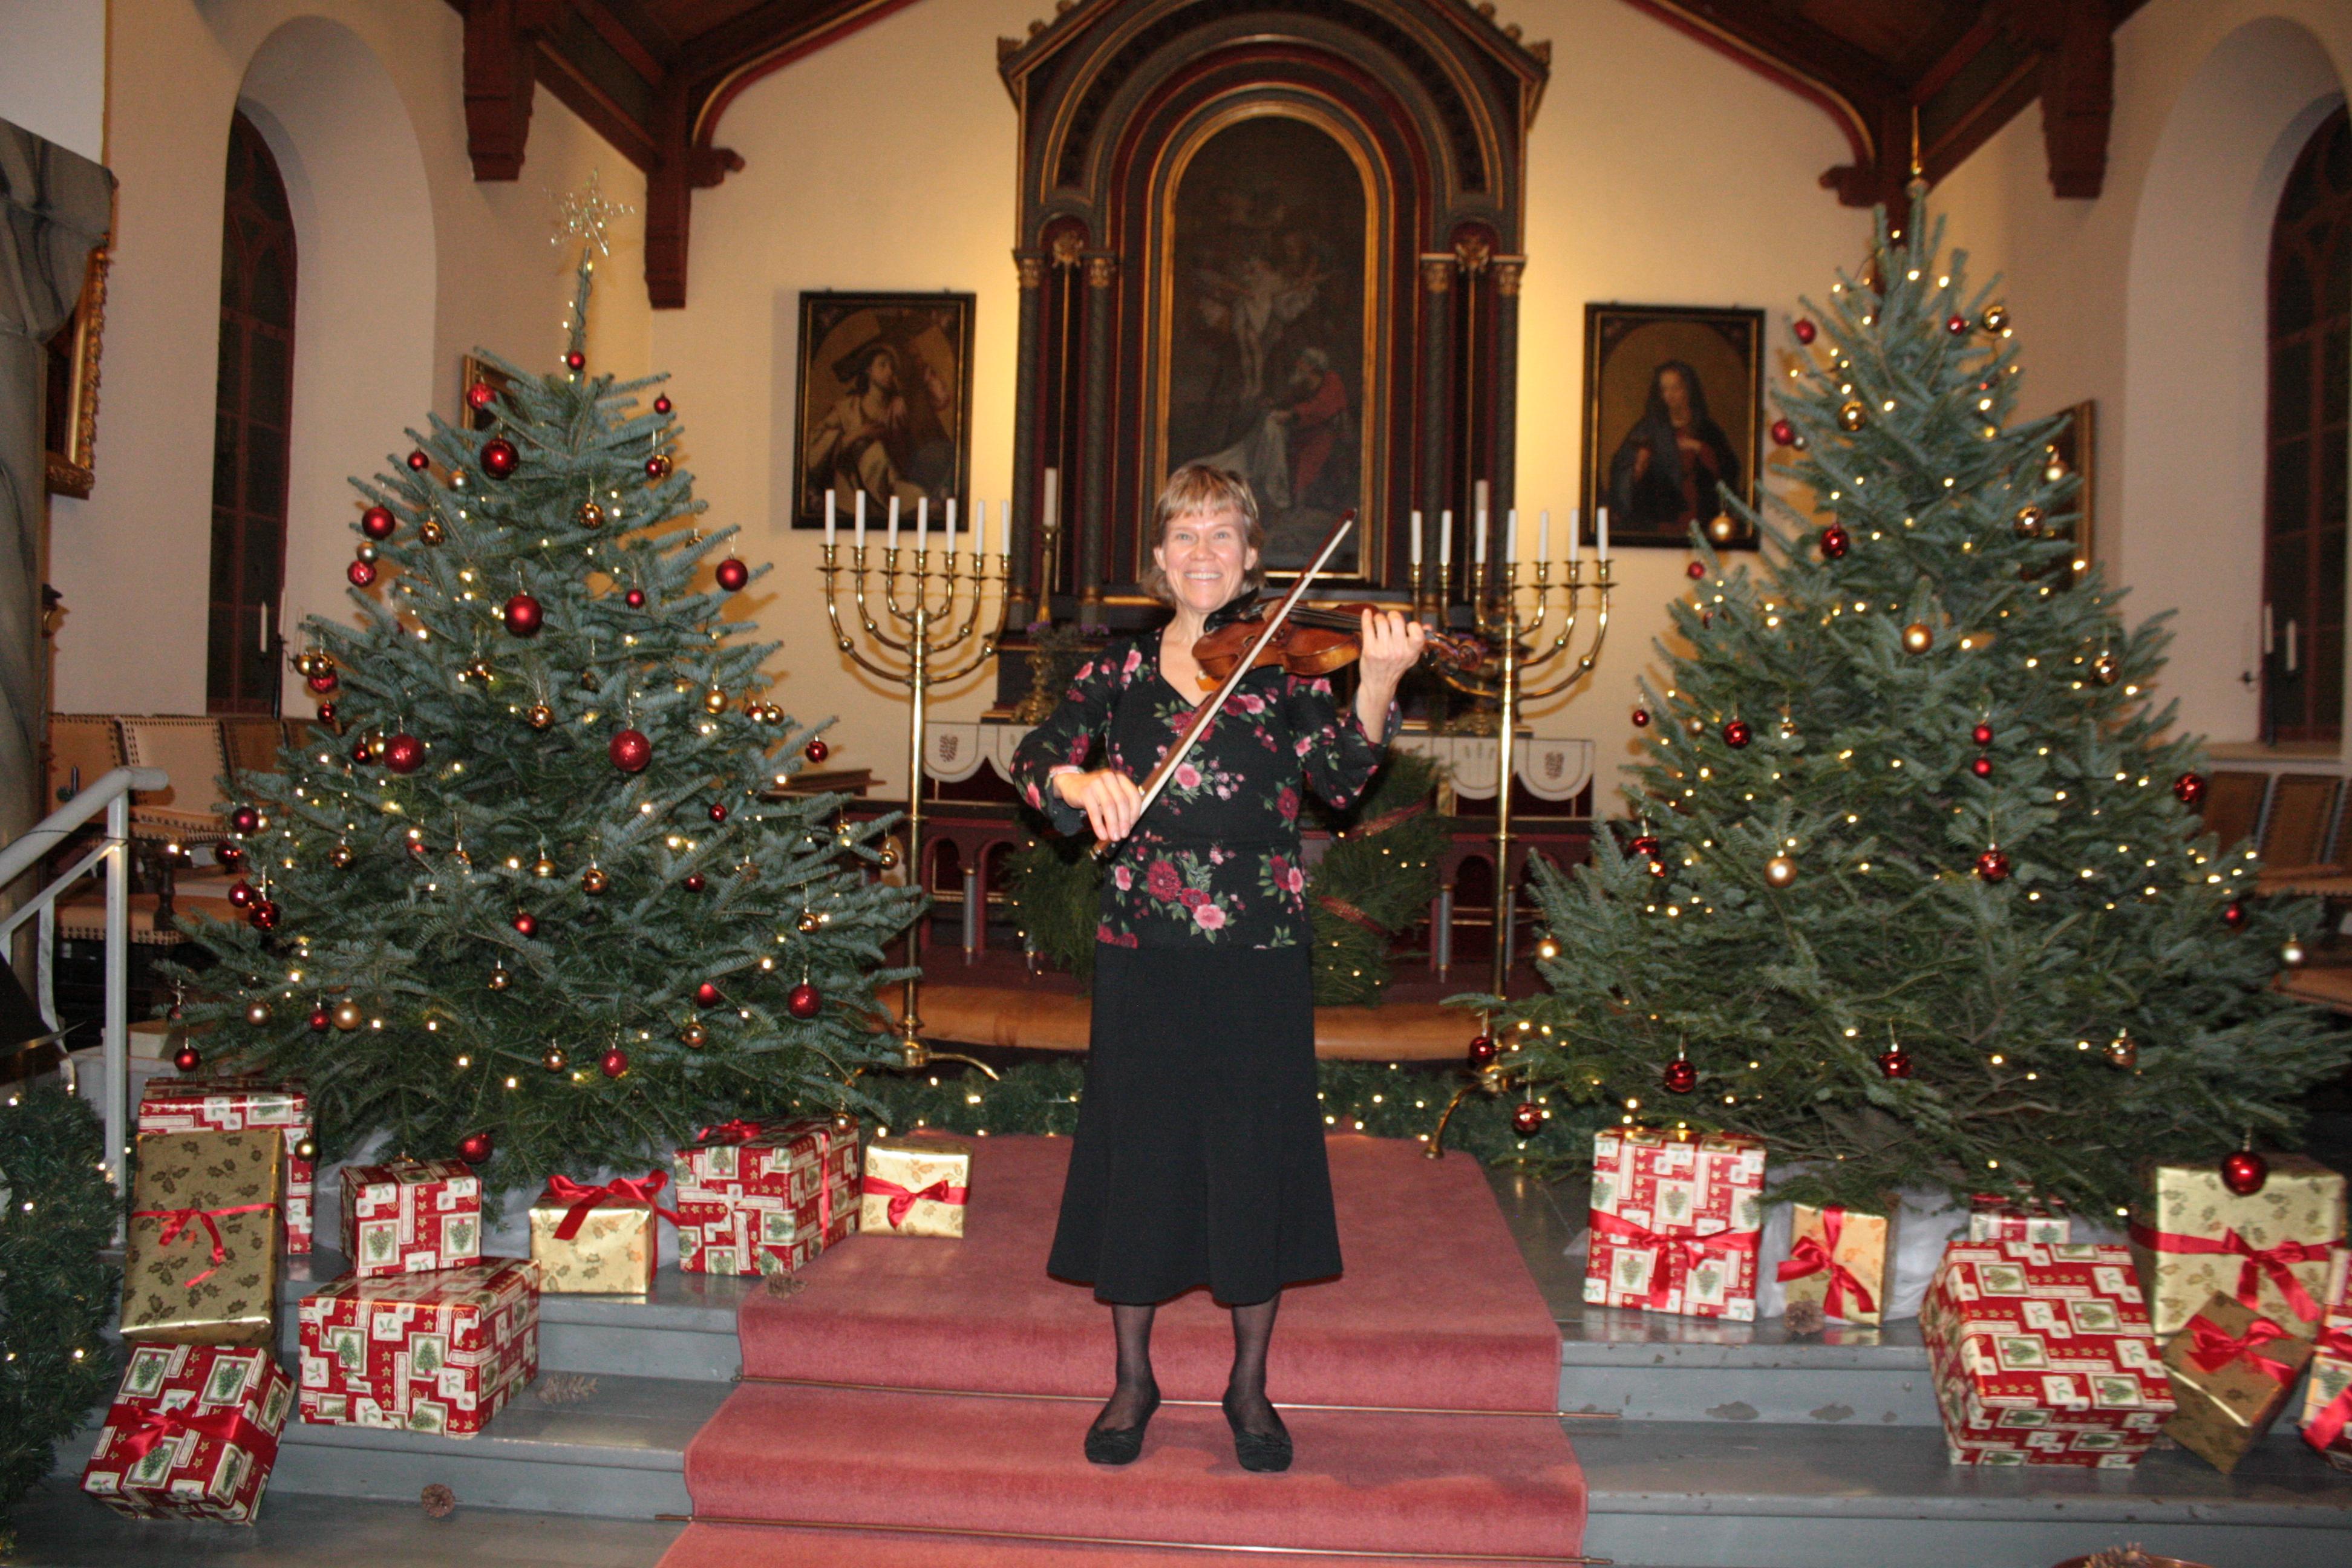 Konsert 11 desember Larvik kirke